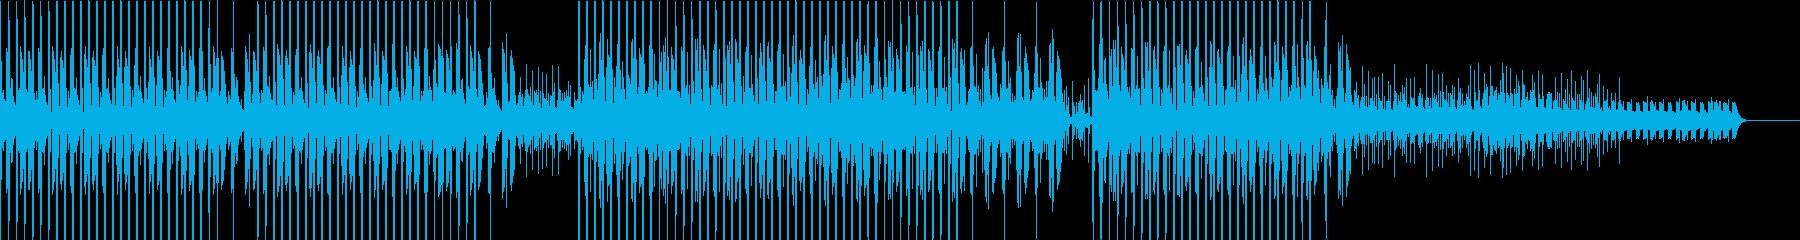 サイレントマイノリティーの再生済みの波形